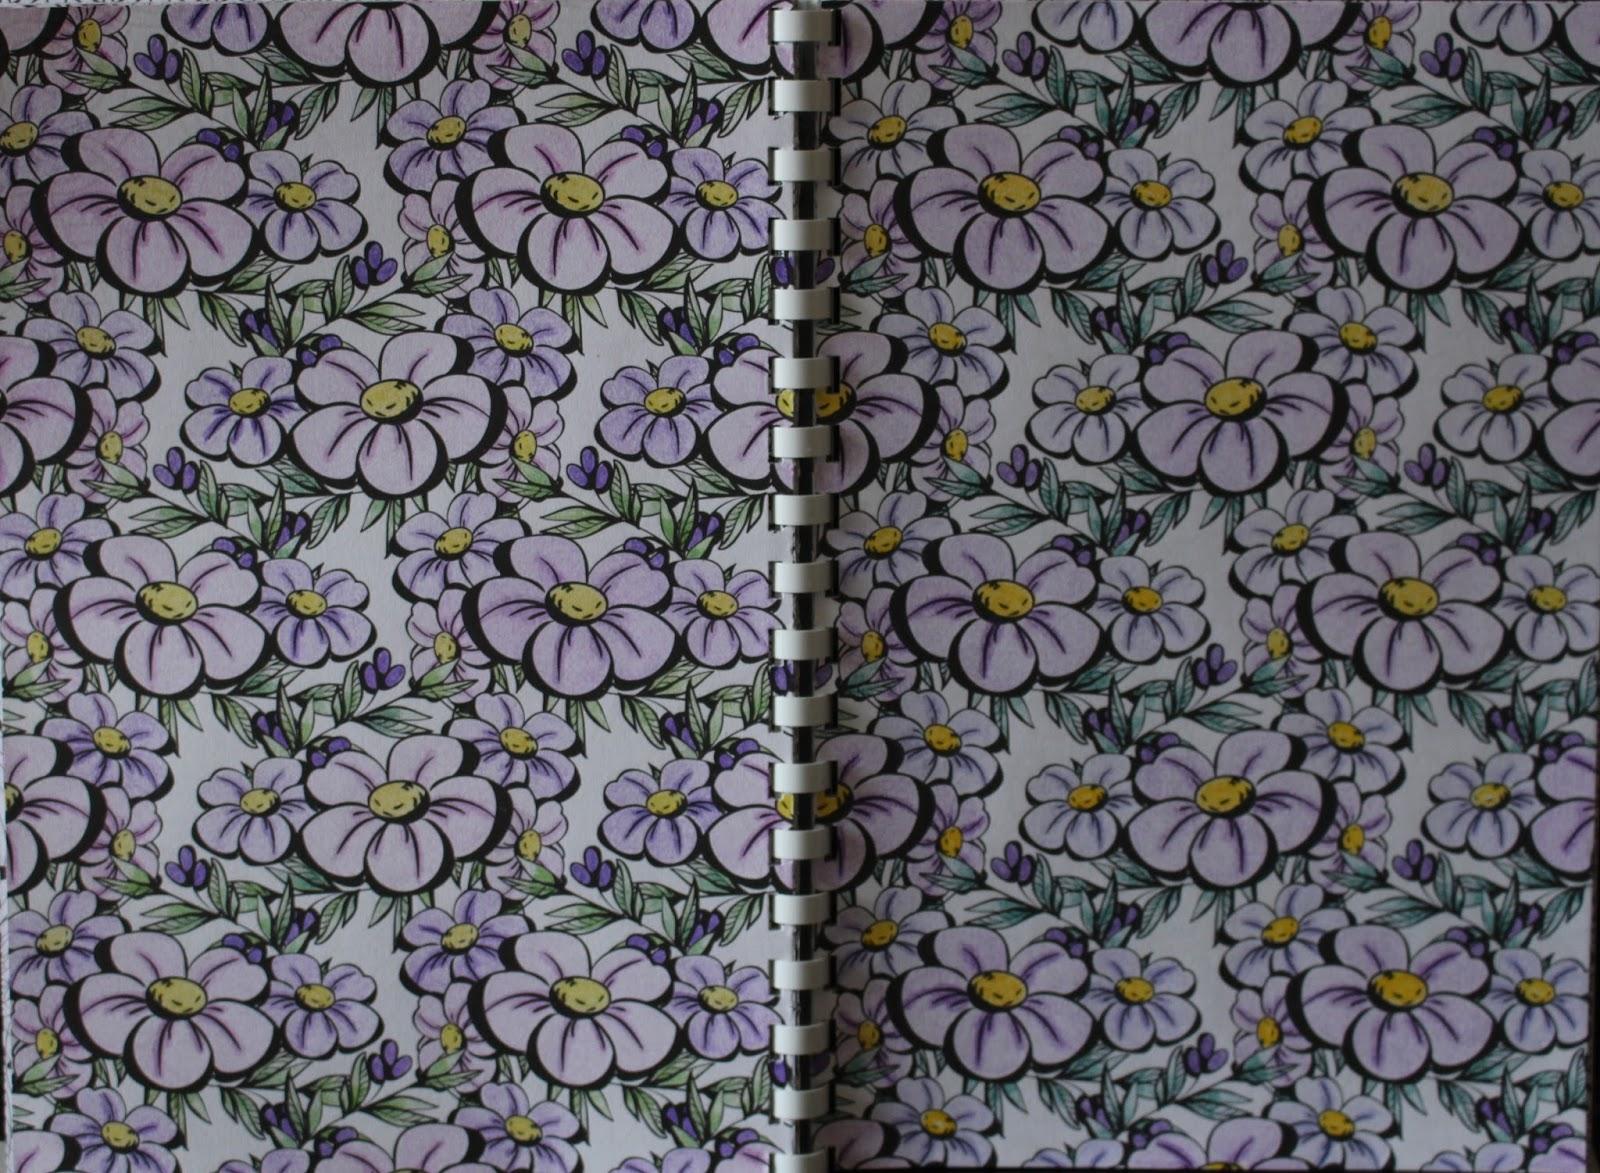 Kapo S Blog Het Vijfde Enige Echte Kleurboek Voor Volwassenen